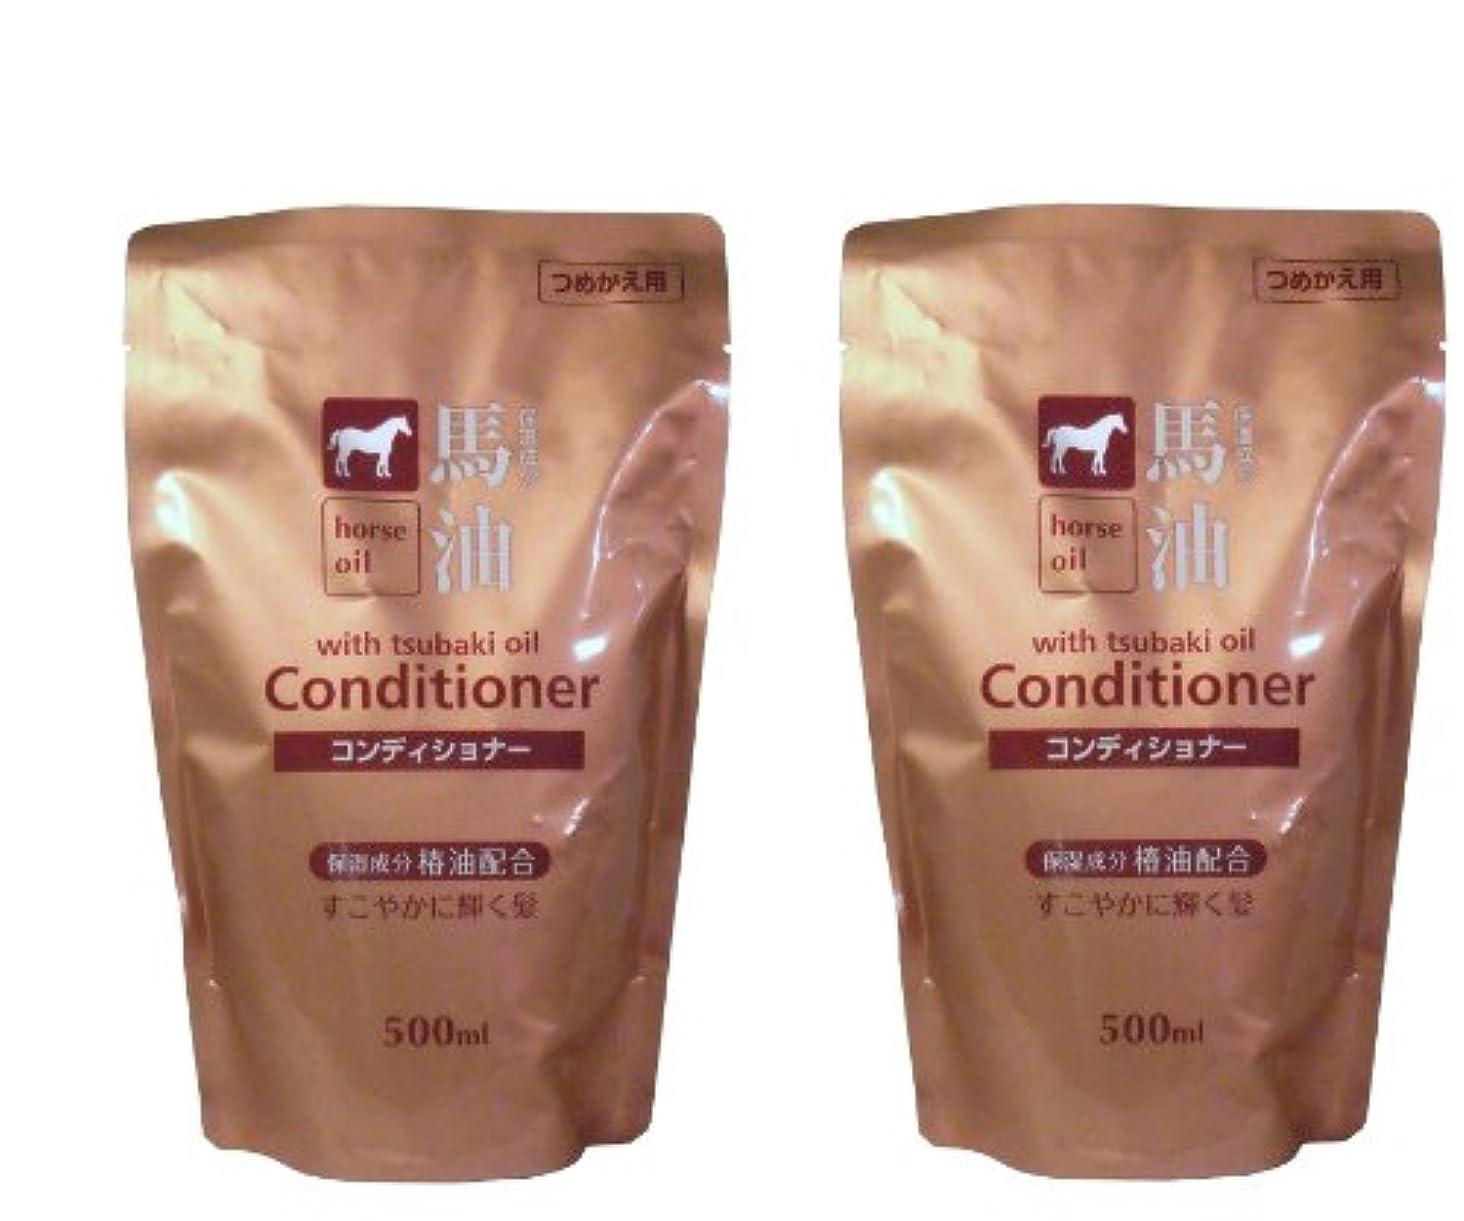 キウイ大使幾分馬油コンディショナー 椿油配合 詰替え用 2個セット(各500mL)  【日本製】